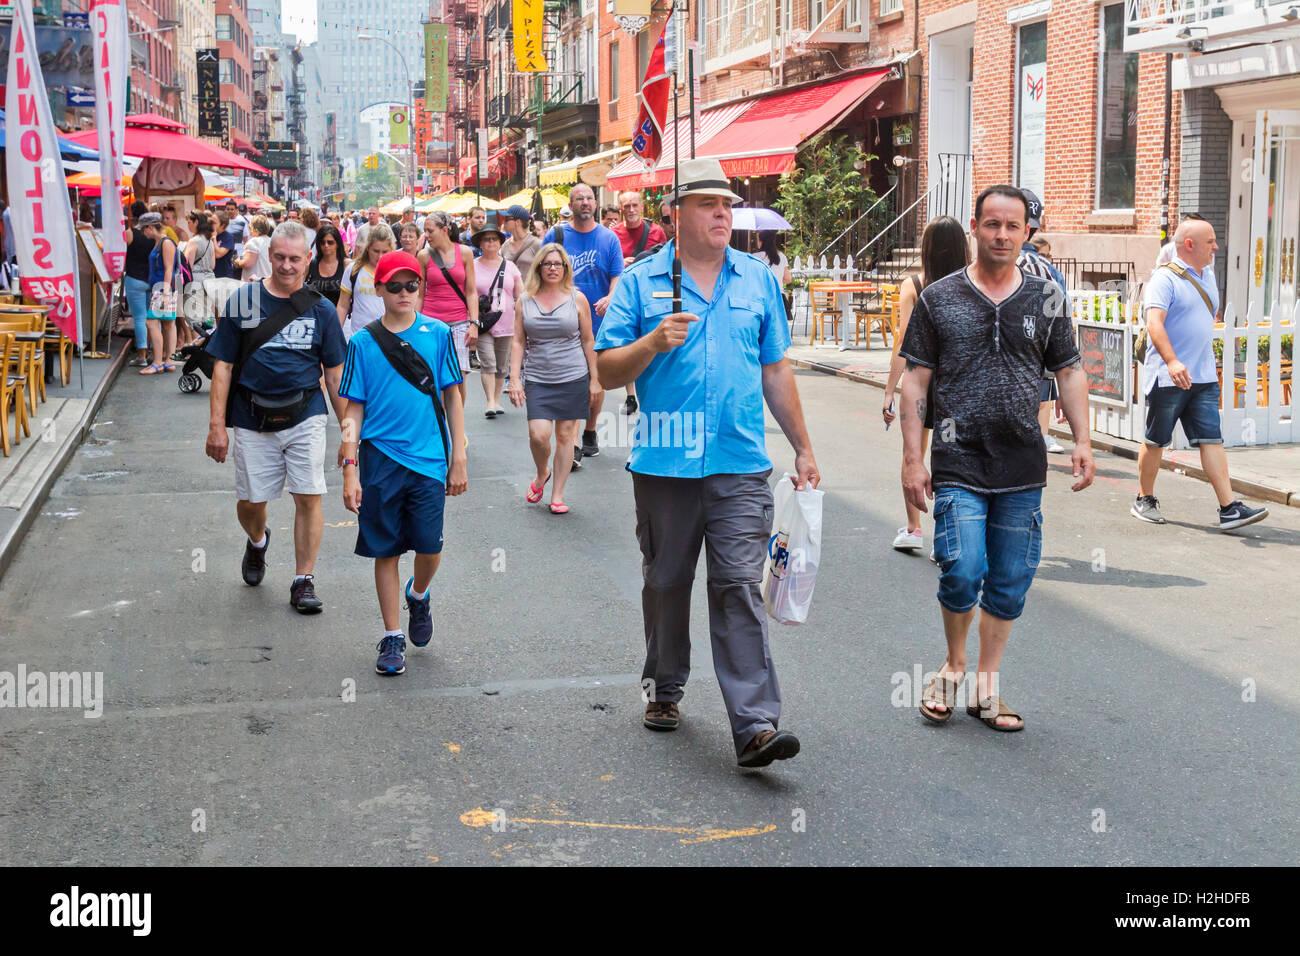 Un tour guida viaggi con i turisti a piedi in Little Italy, New York City. Immagini Stock